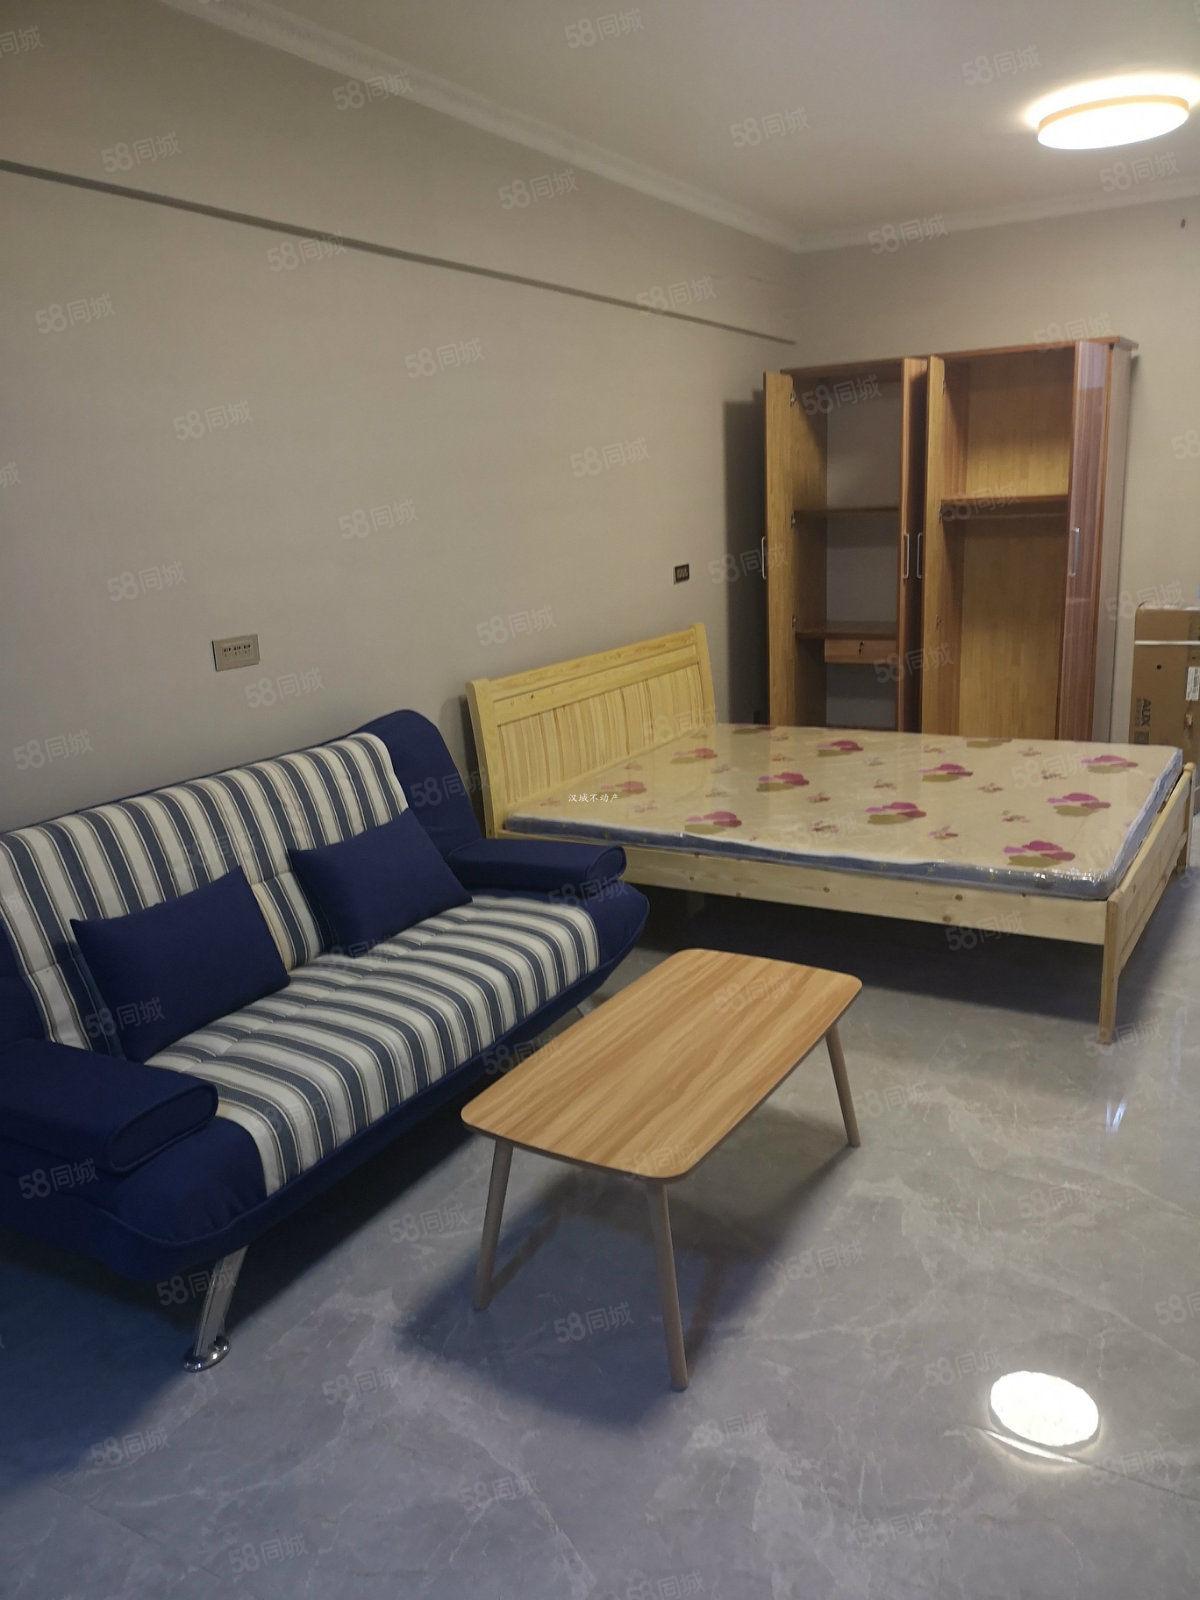 市中心505广场(中桥大厦)一室精装配置齐全随时入住